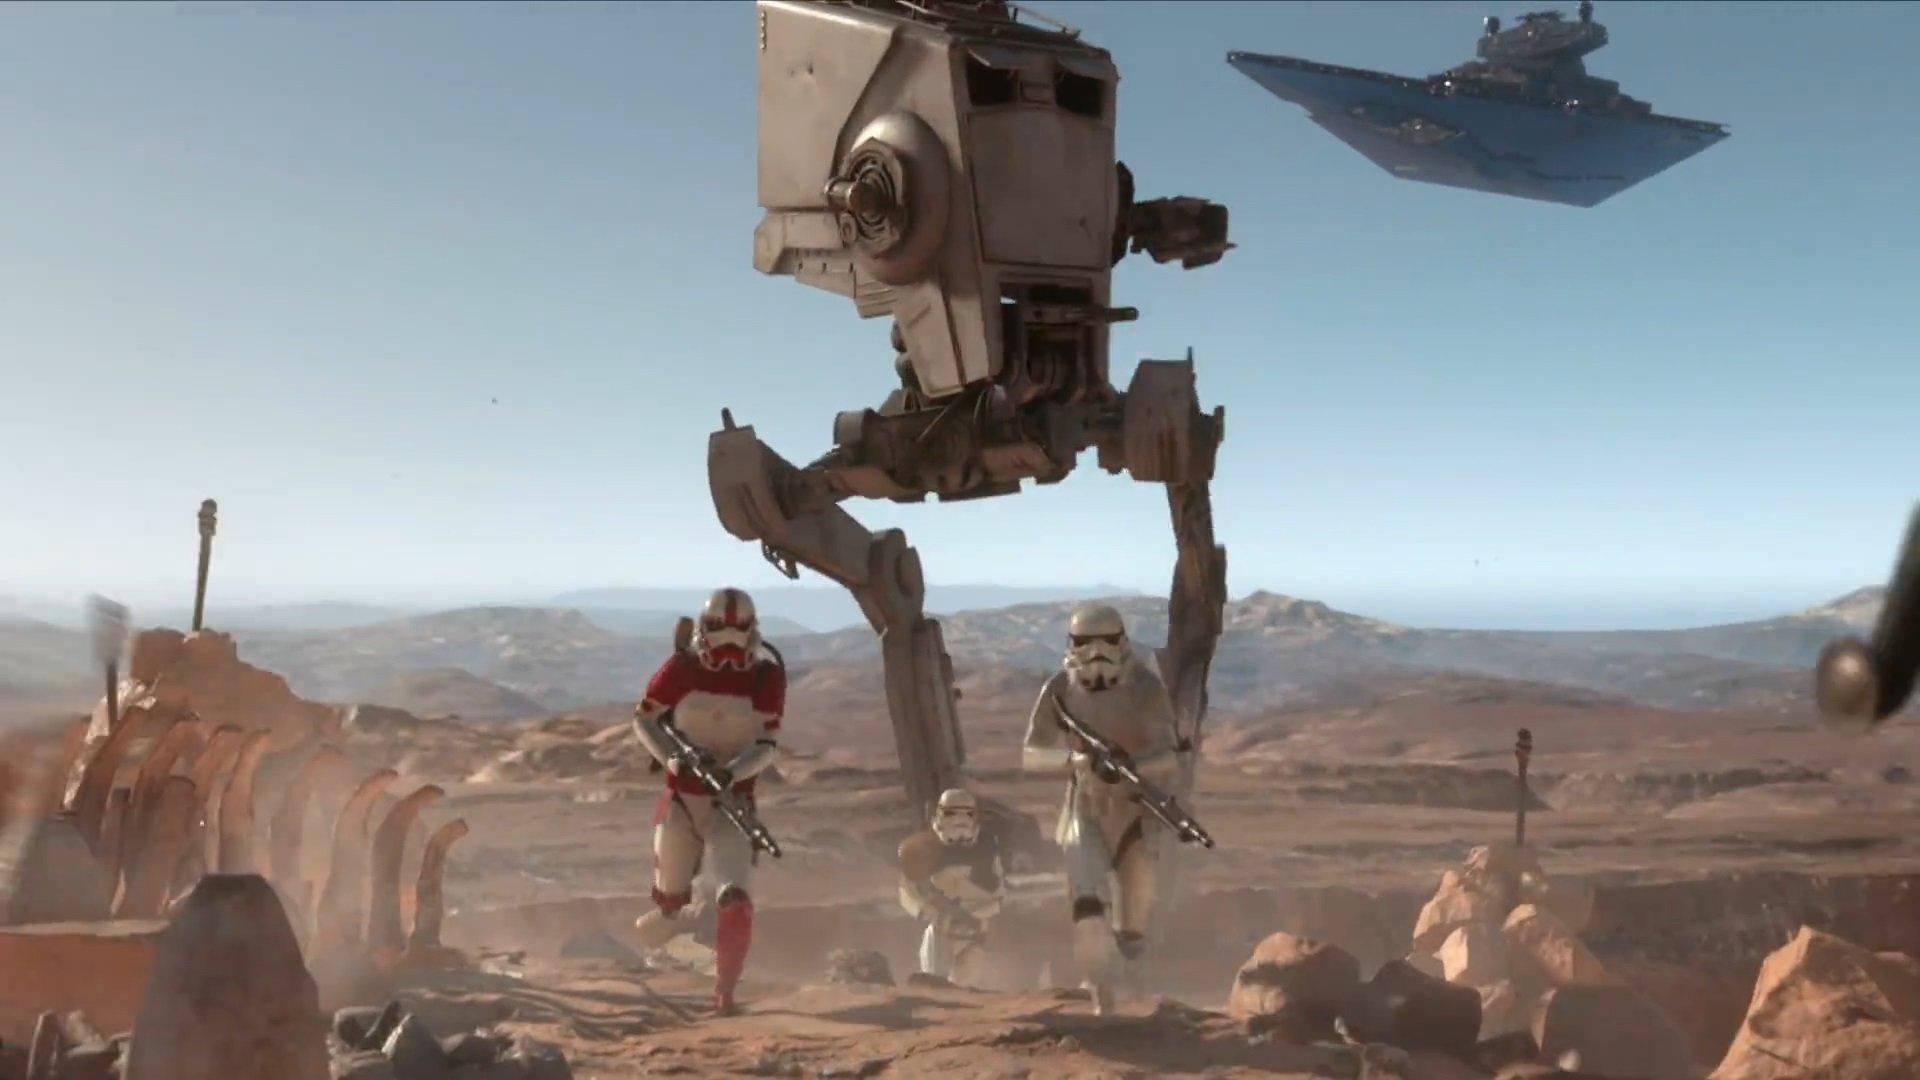 STAR WARS Battlefront Beta dicas e truques: sobrevivência em Tatooine